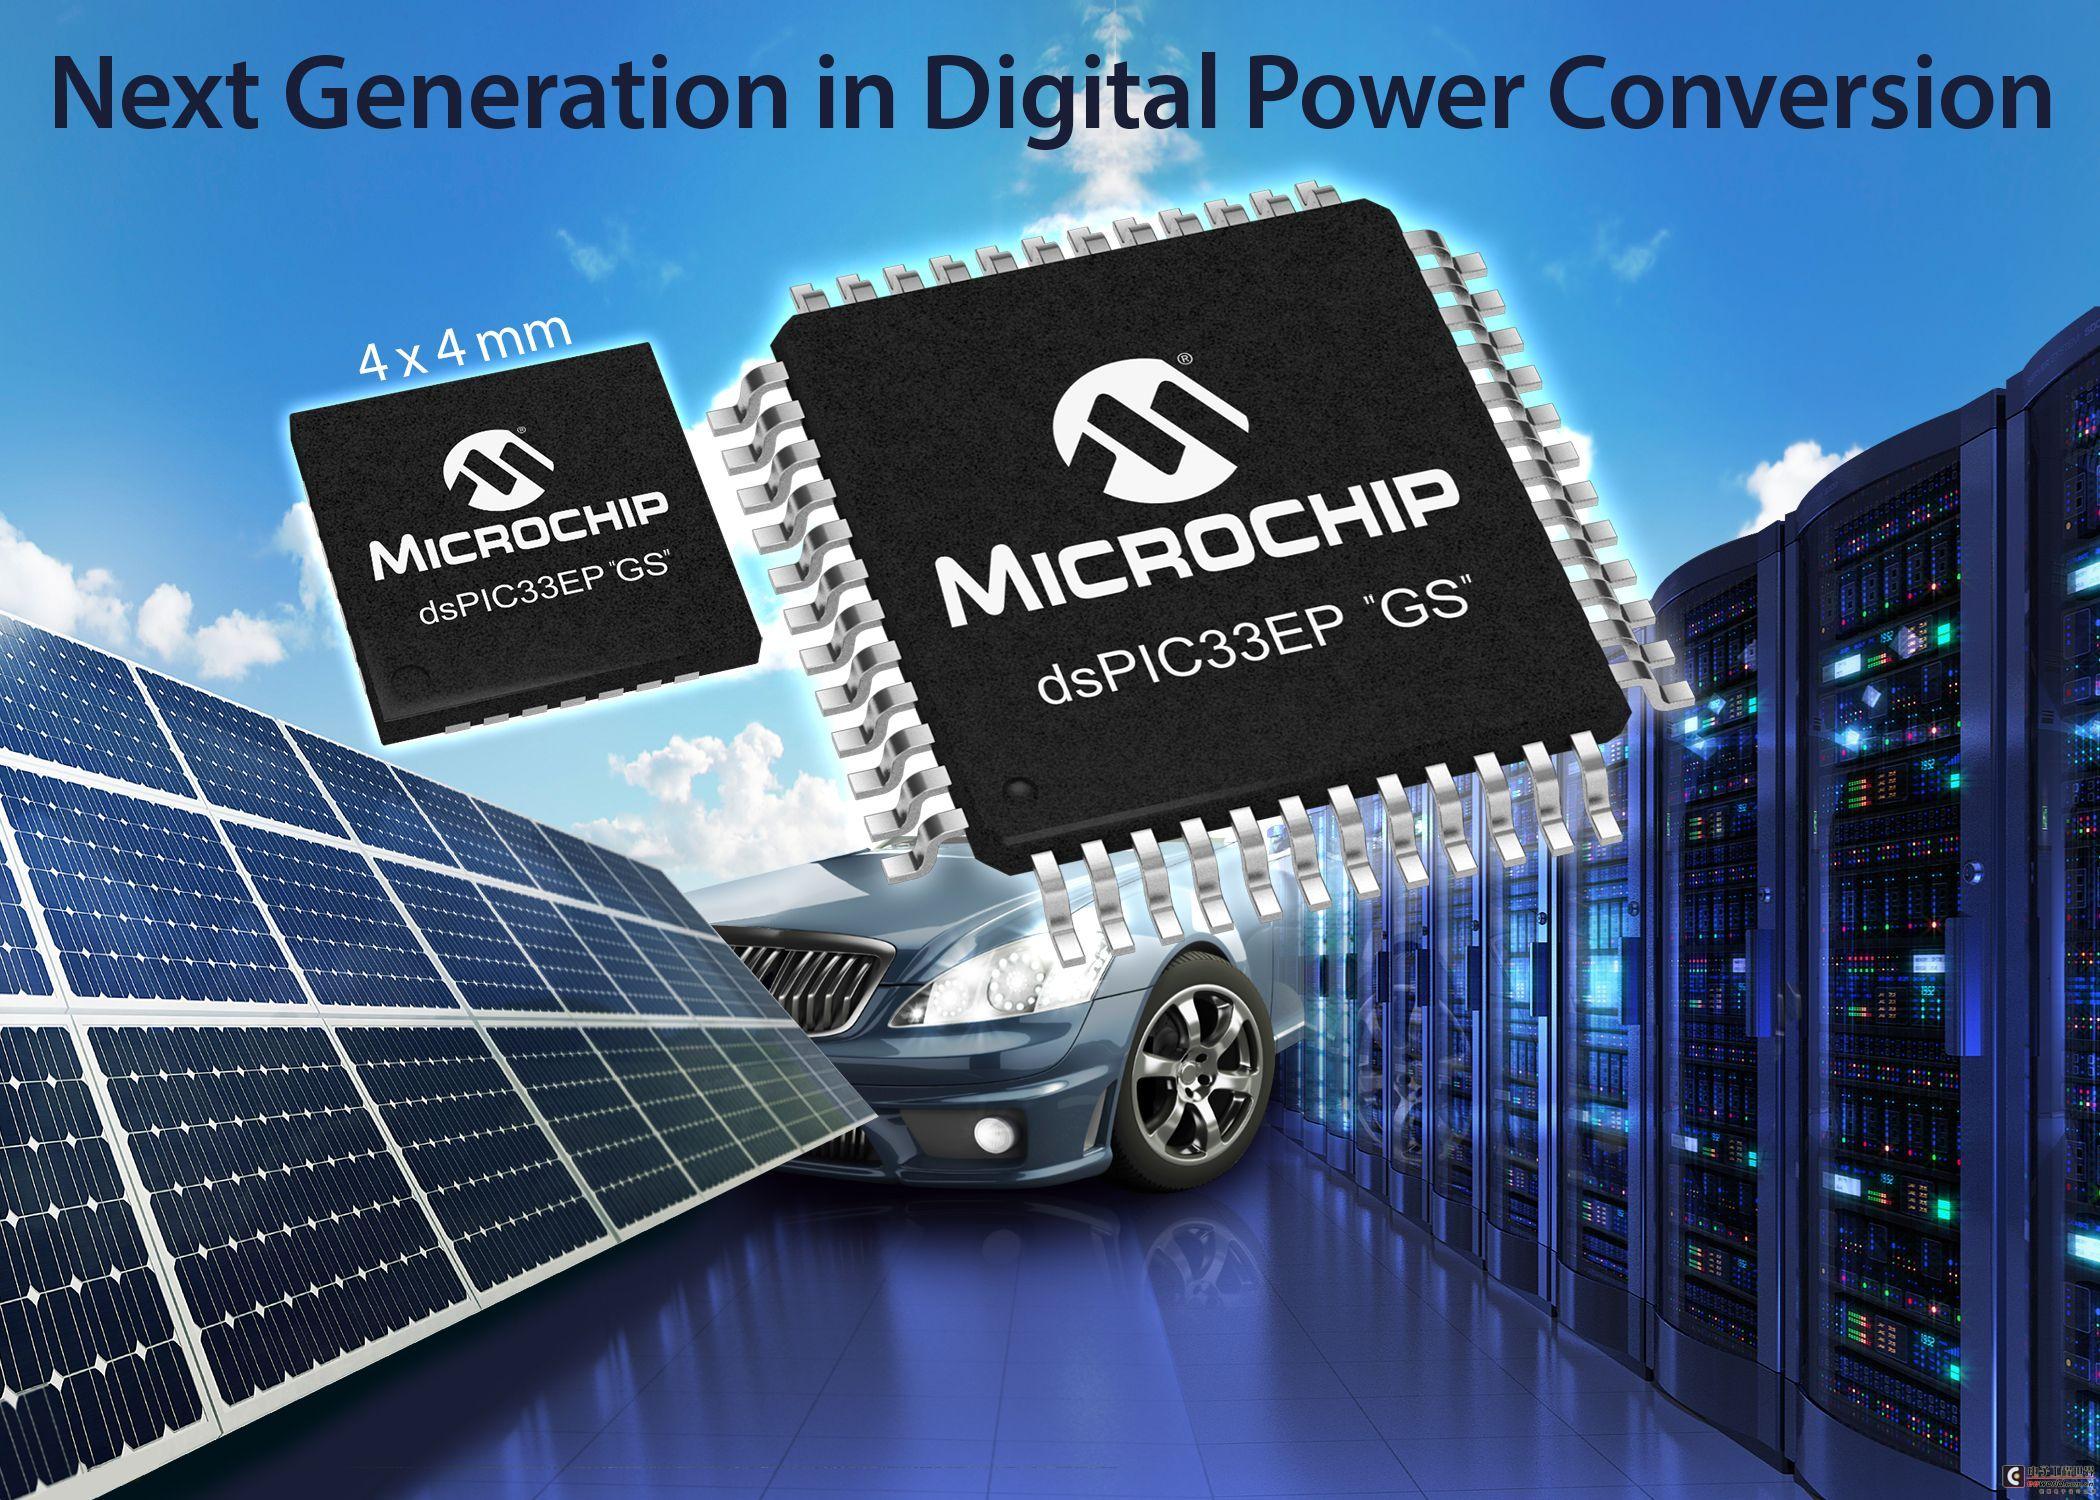 """Microchip推出專為數字電源應用新型dsPIC33EP""""GS""""系列產品"""